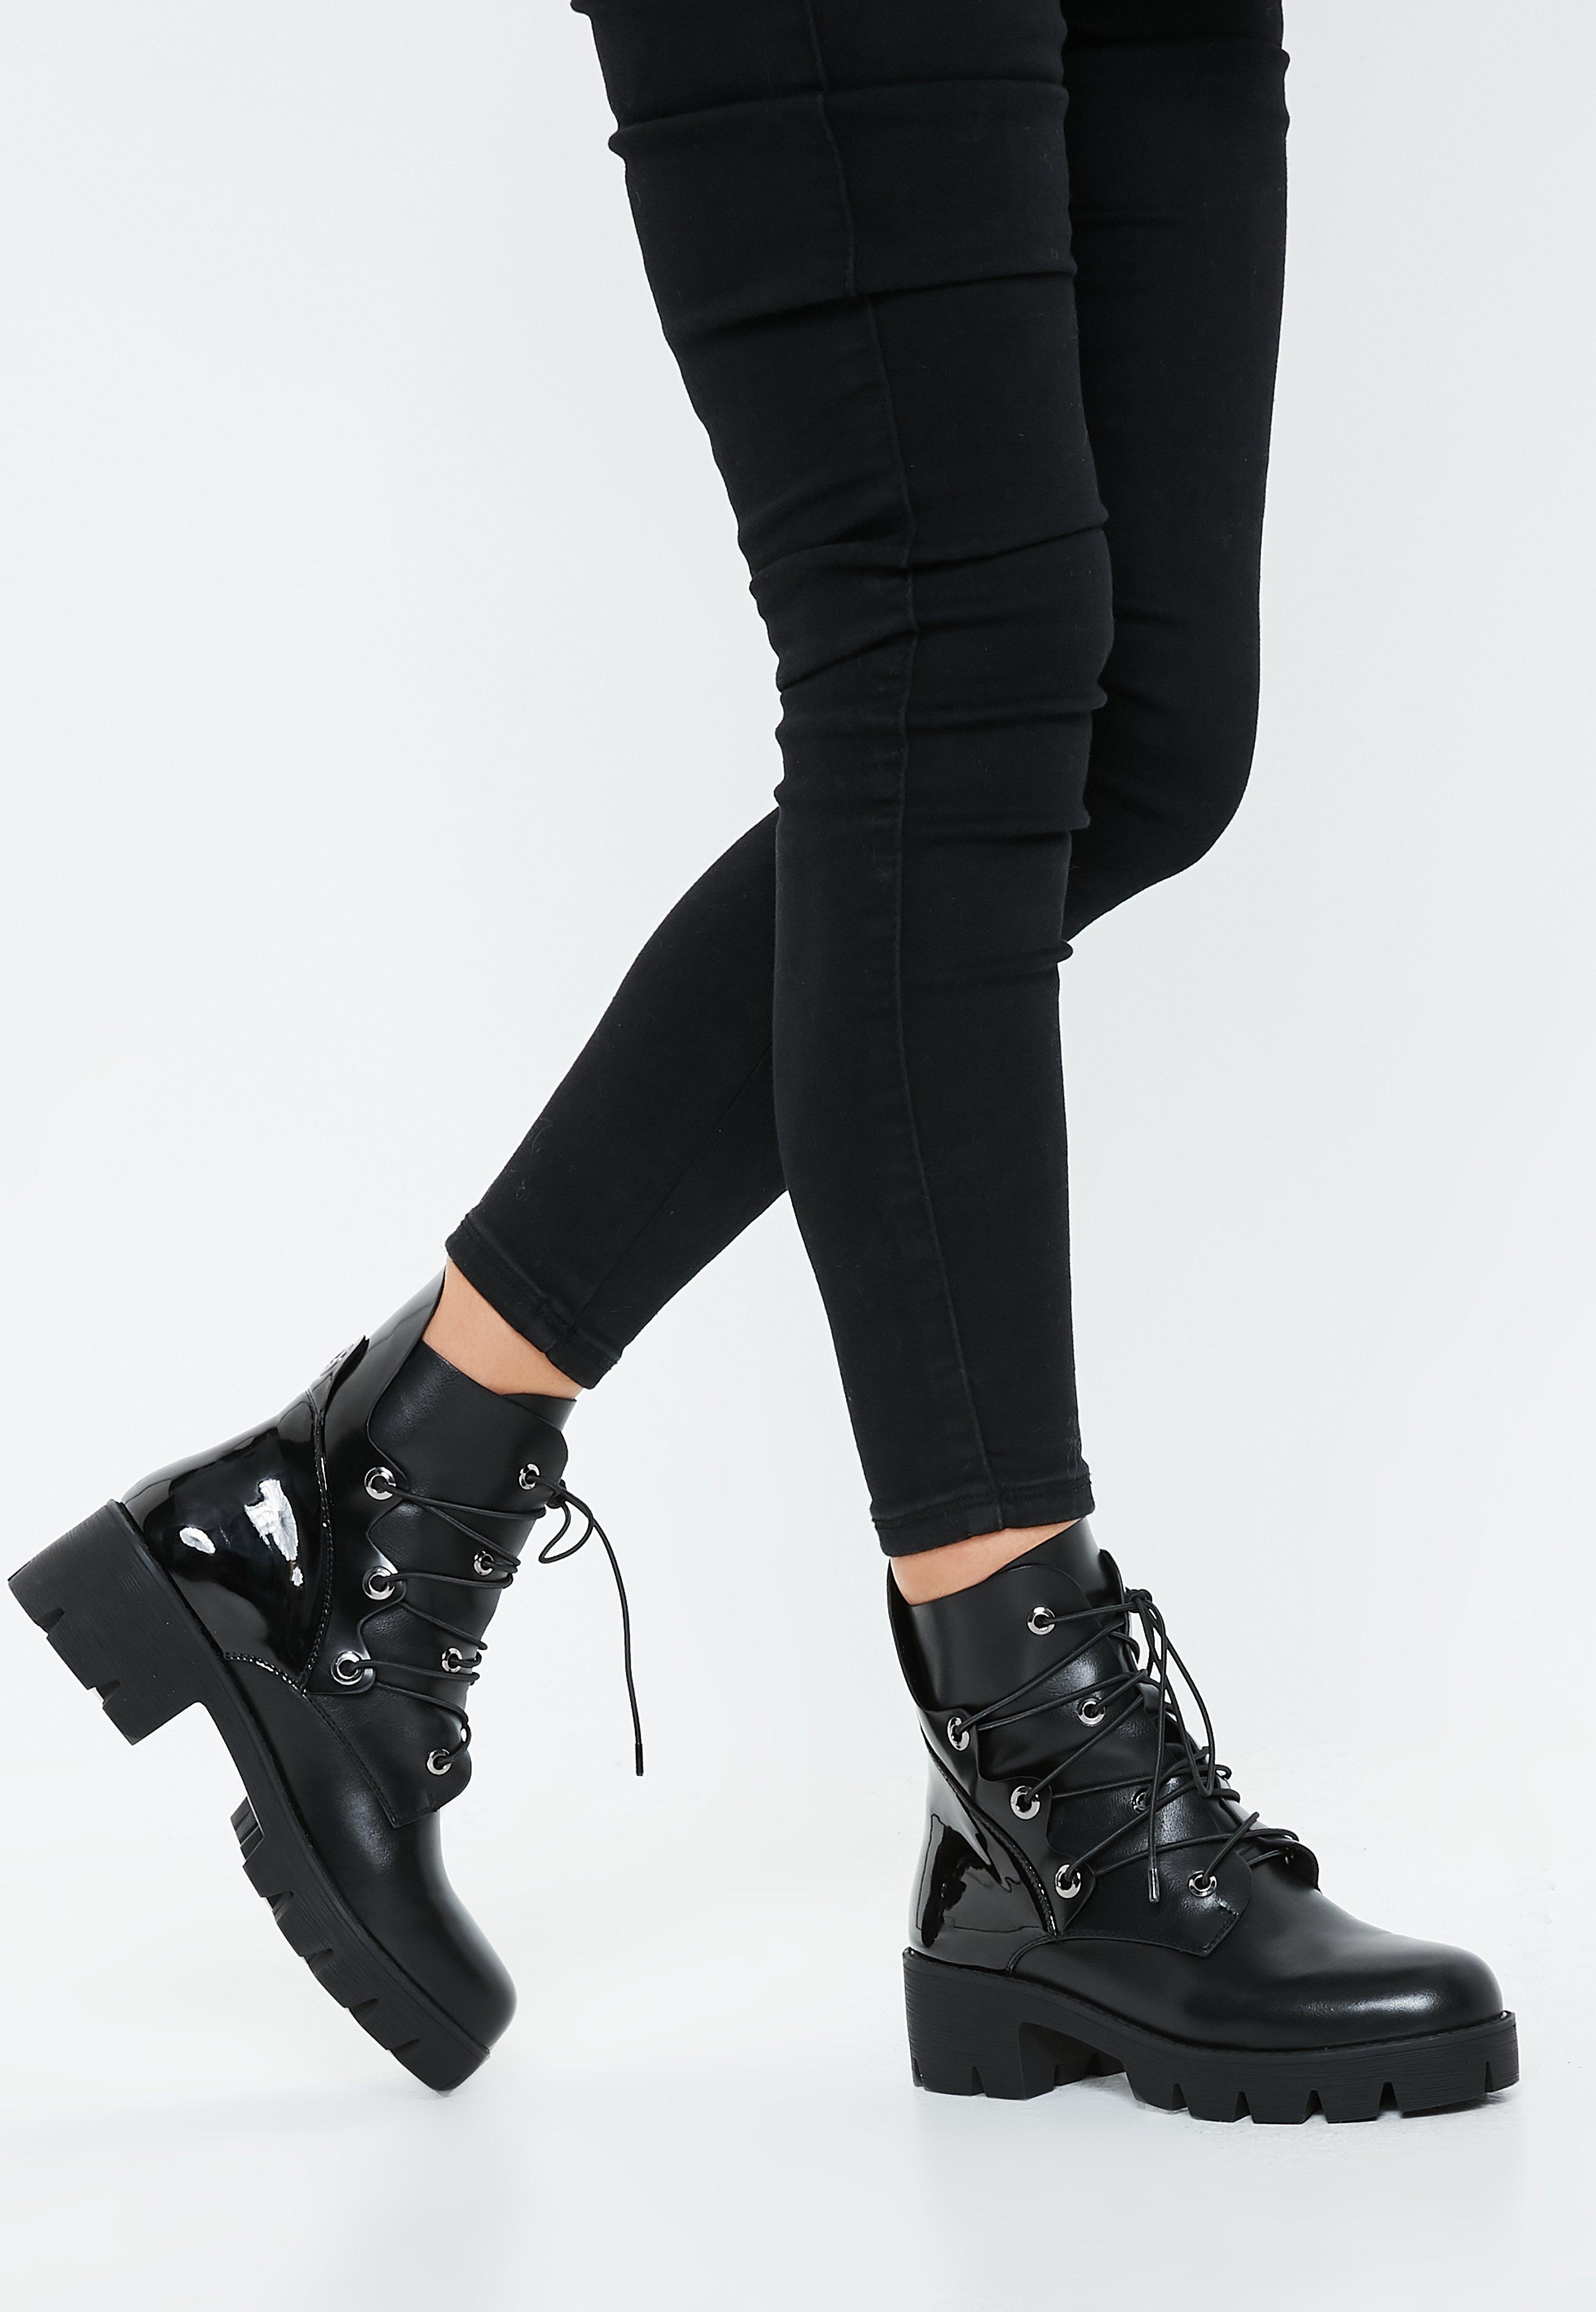 6db6a6e26648 Women s Boots